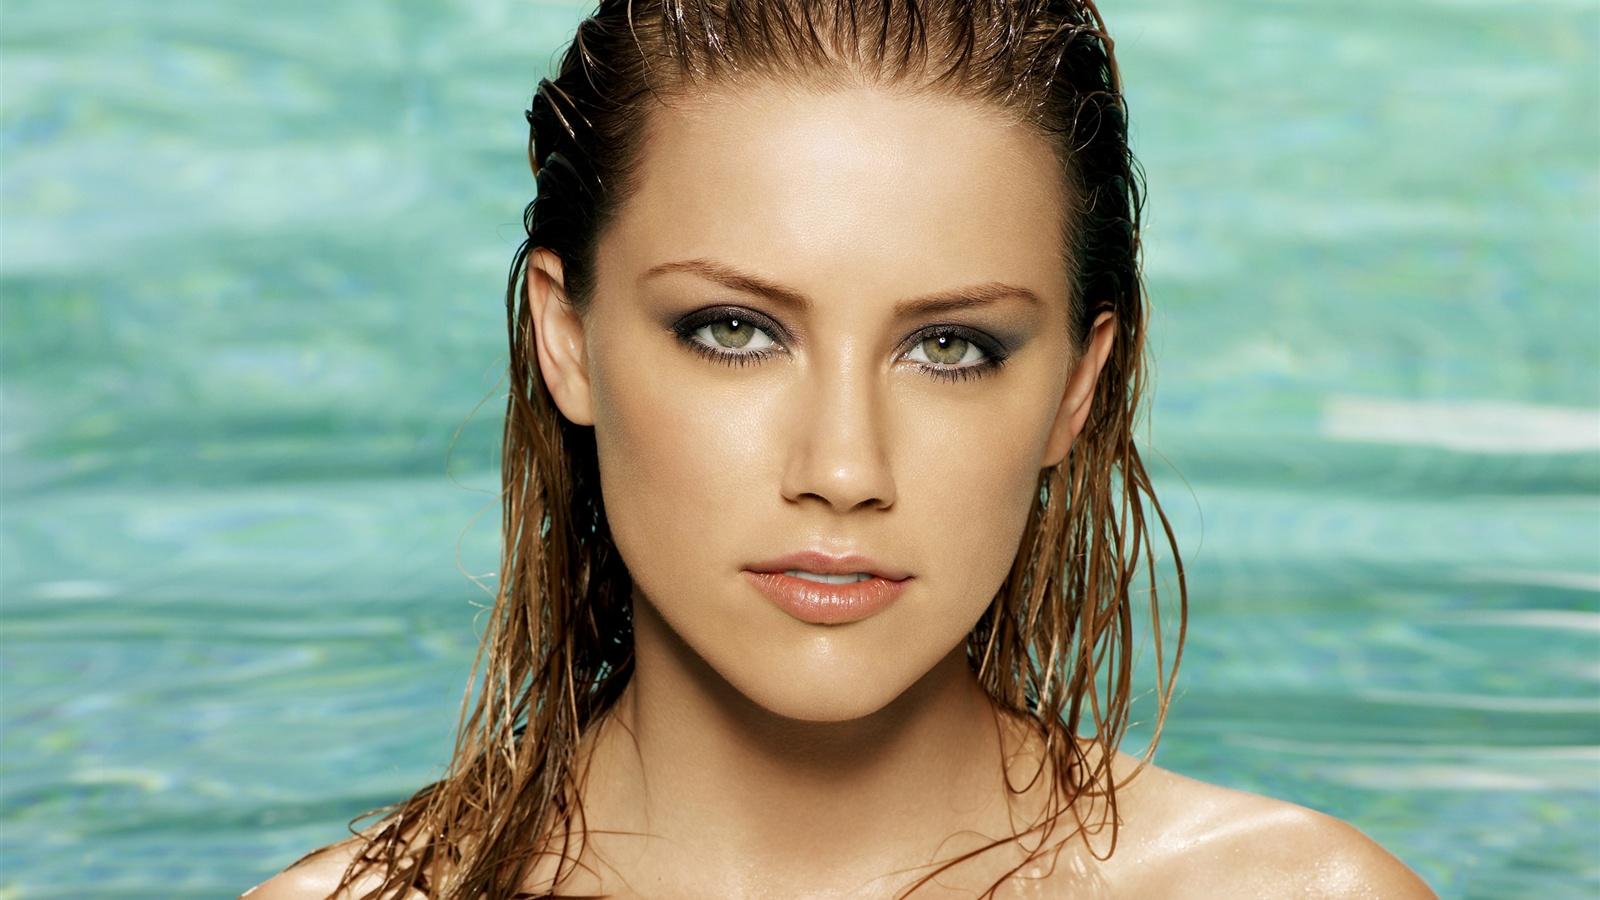 Amber-Heard-09_1600x900.jpg Amber Heard